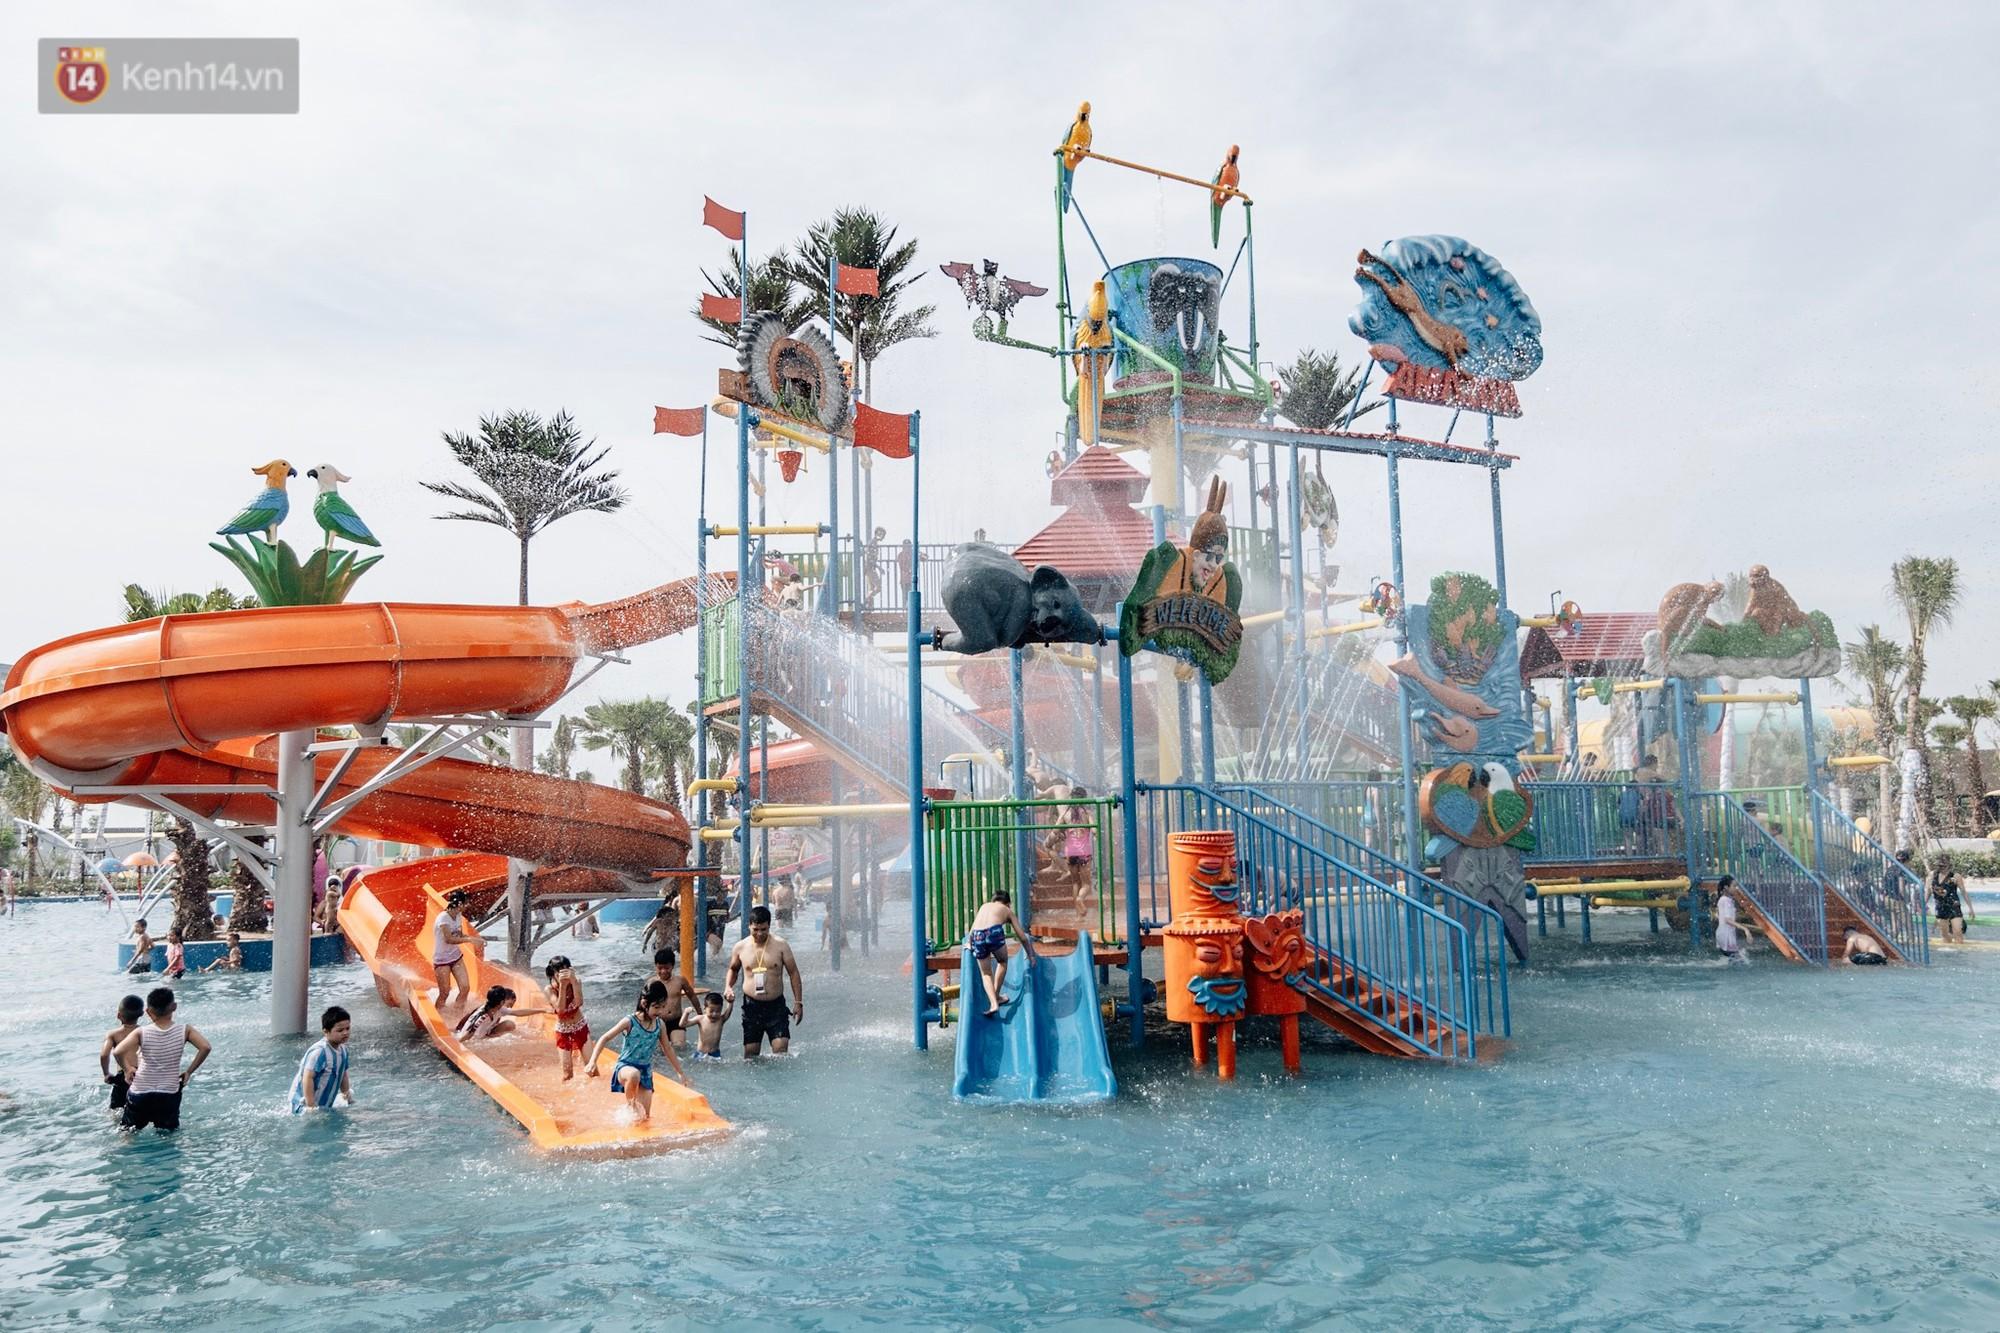 Ảnh, clip: Người dân Hà Nội thích thú trải nghiệm công viên nước hiện đại nhất Thủ đô trong ngày đầu mở cửa - Ảnh 16.